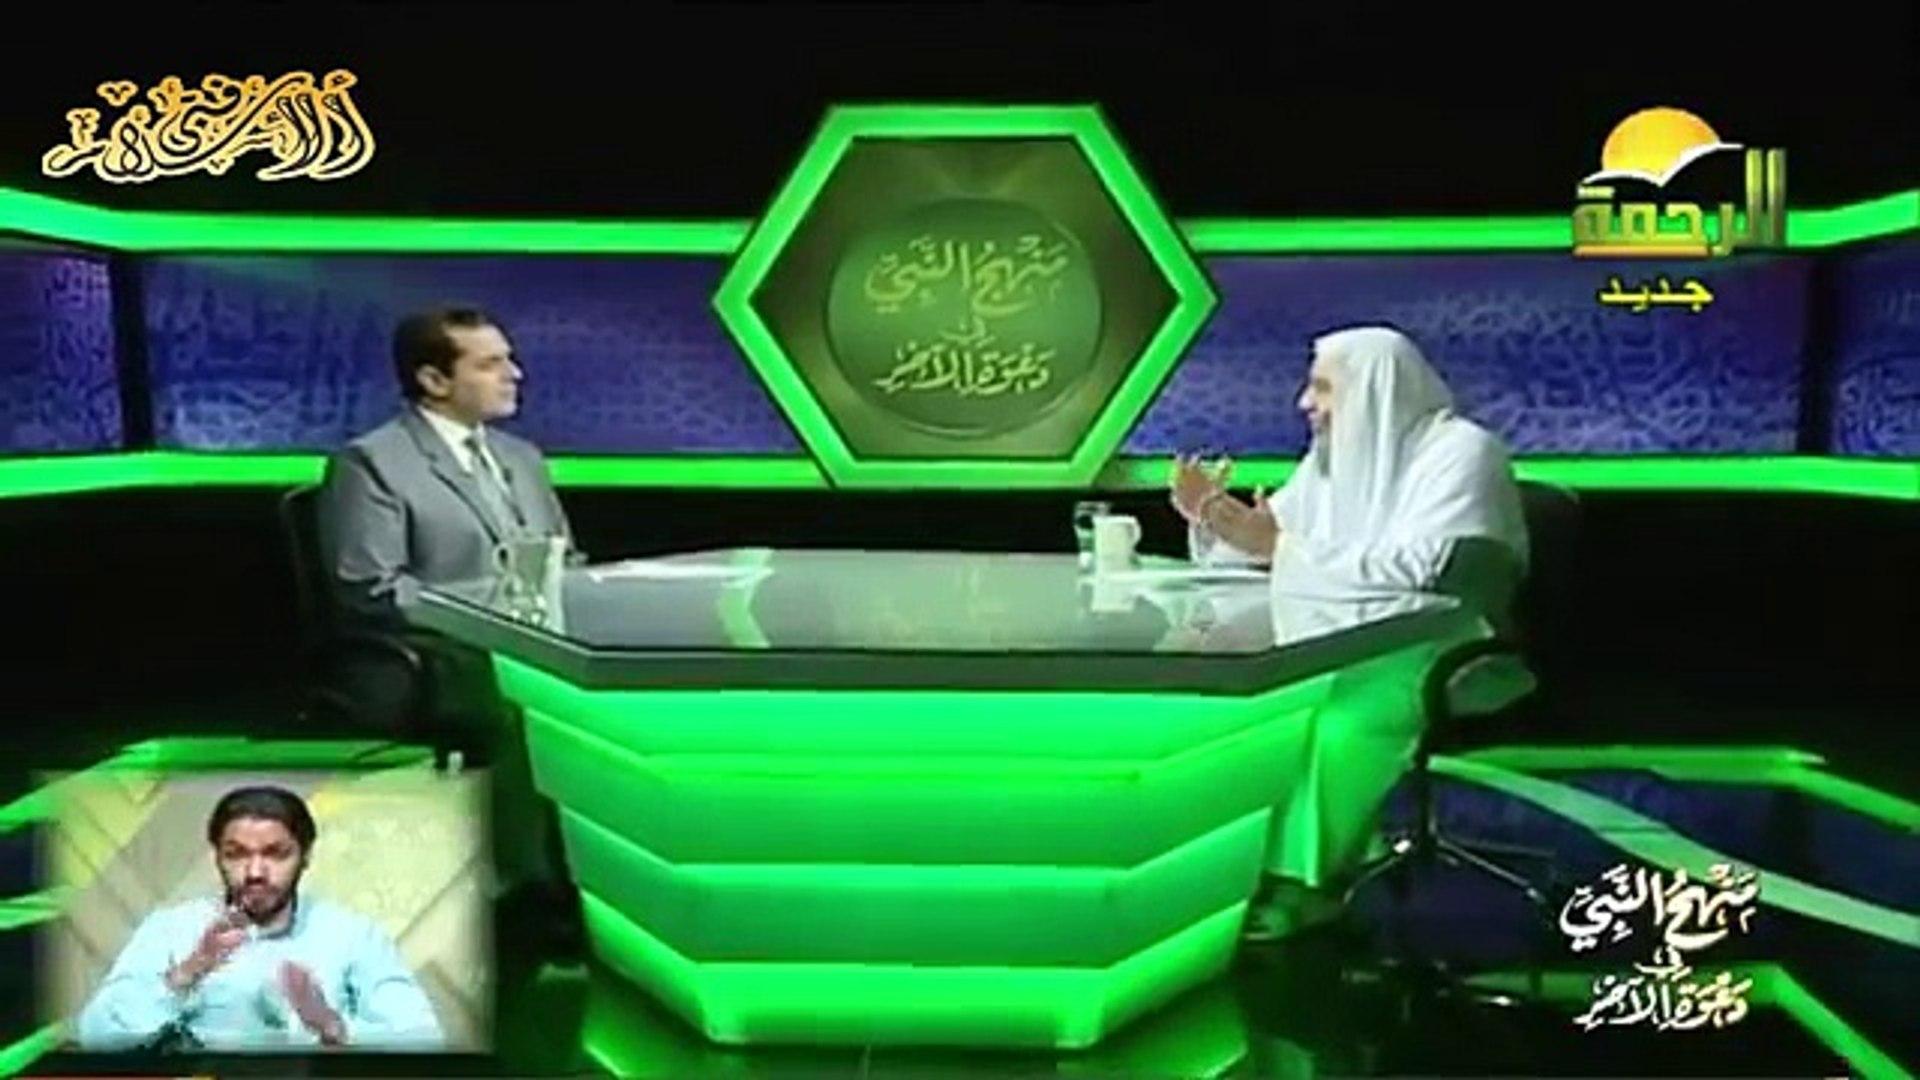 الاسلام اسلامية منهج النبى فى دعوة الاخر بلغة الاشارة الحلقة 11